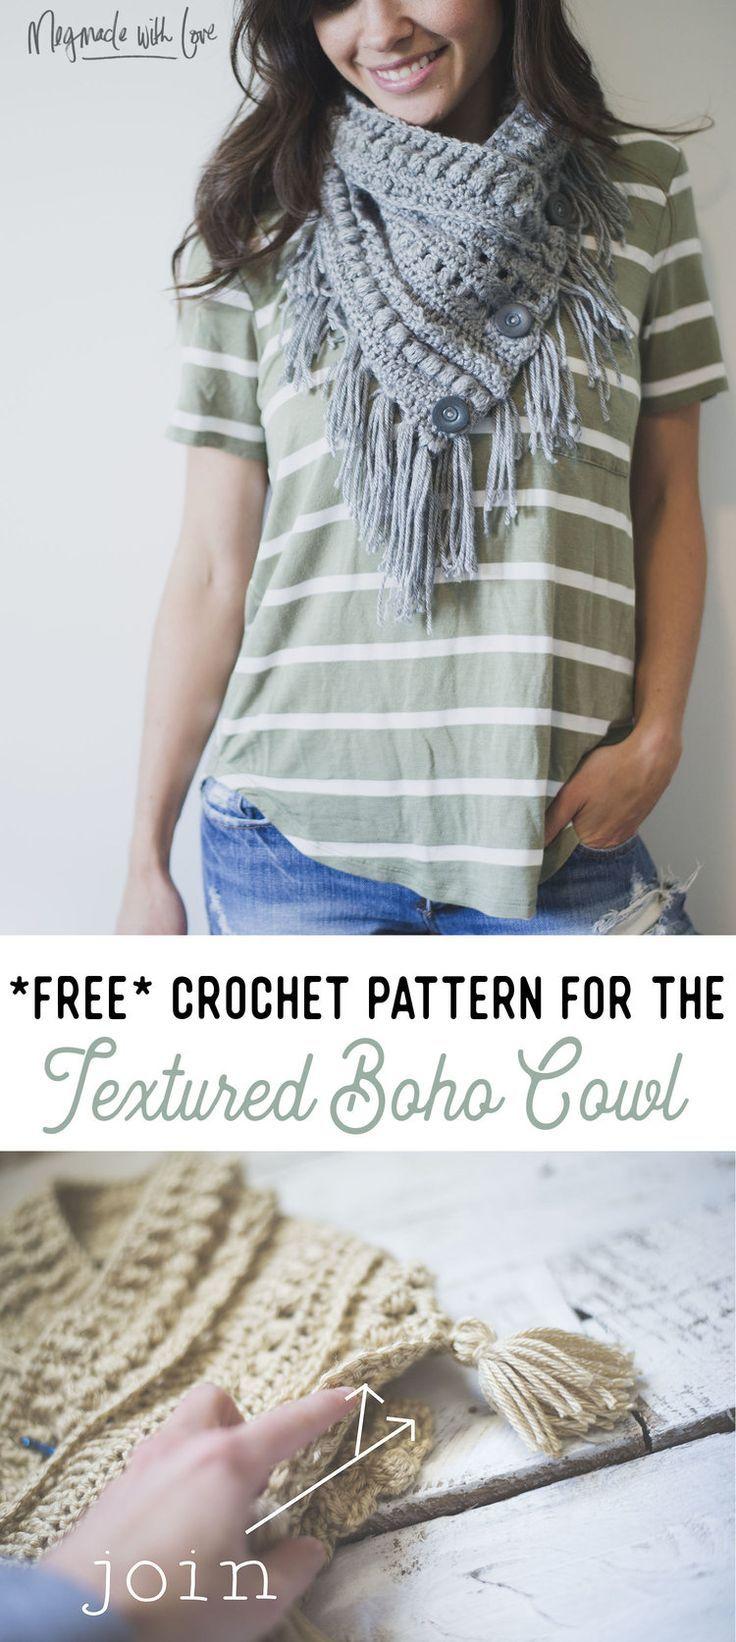 Free Crochet Pattern for the Textured Boho Cowl | Crochet | Pinterest